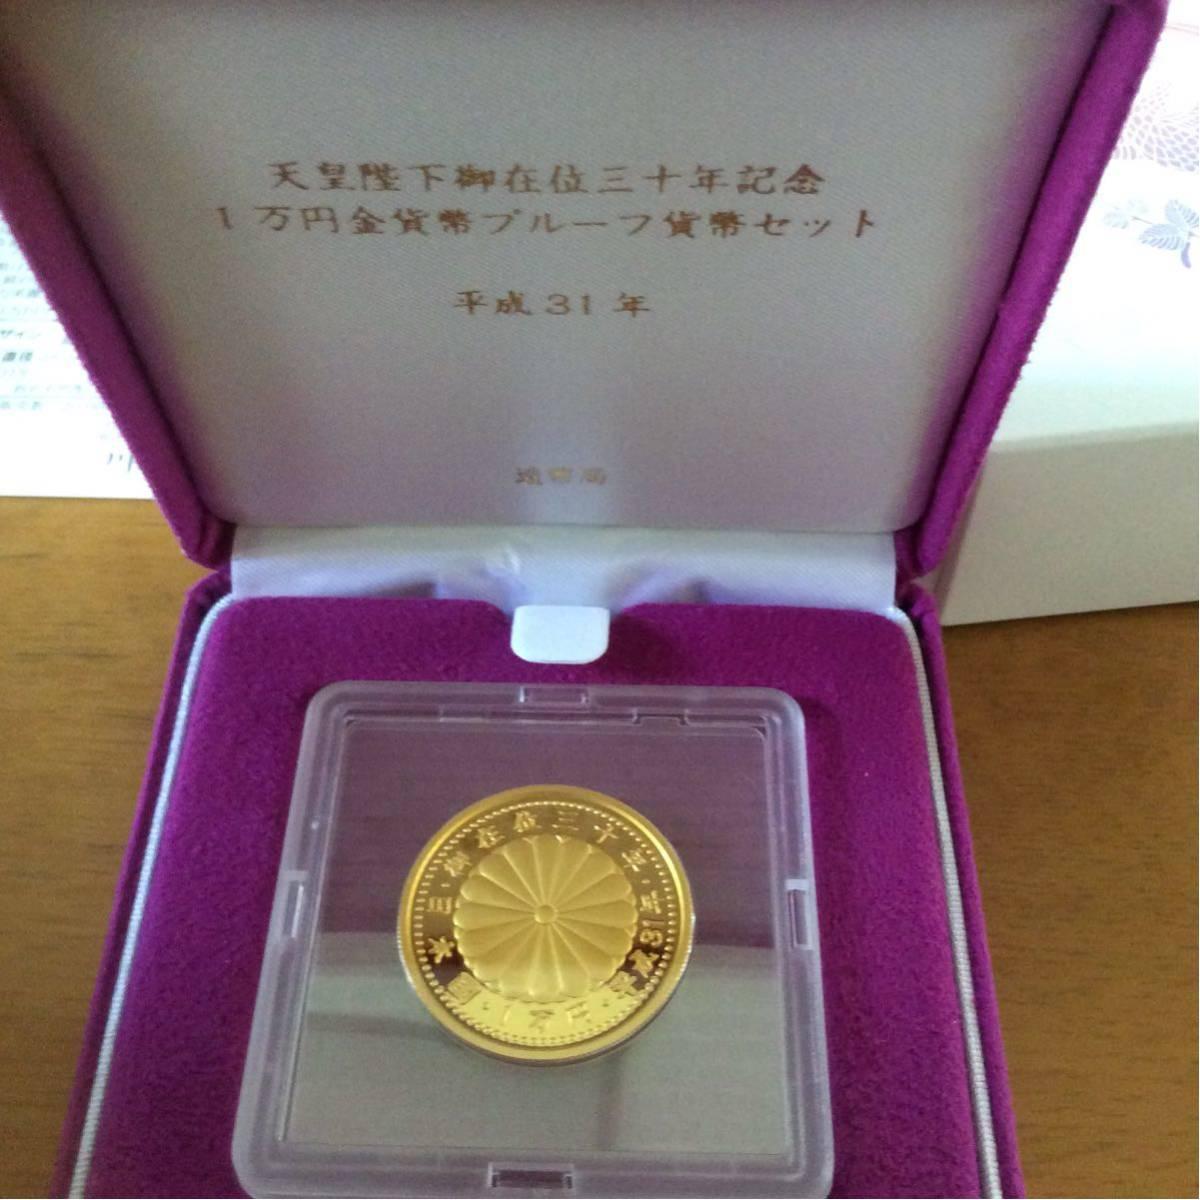 天皇陛下御在位30年記念金貨セットプルーフ貨幣セット一万円記念金貨セット_画像6